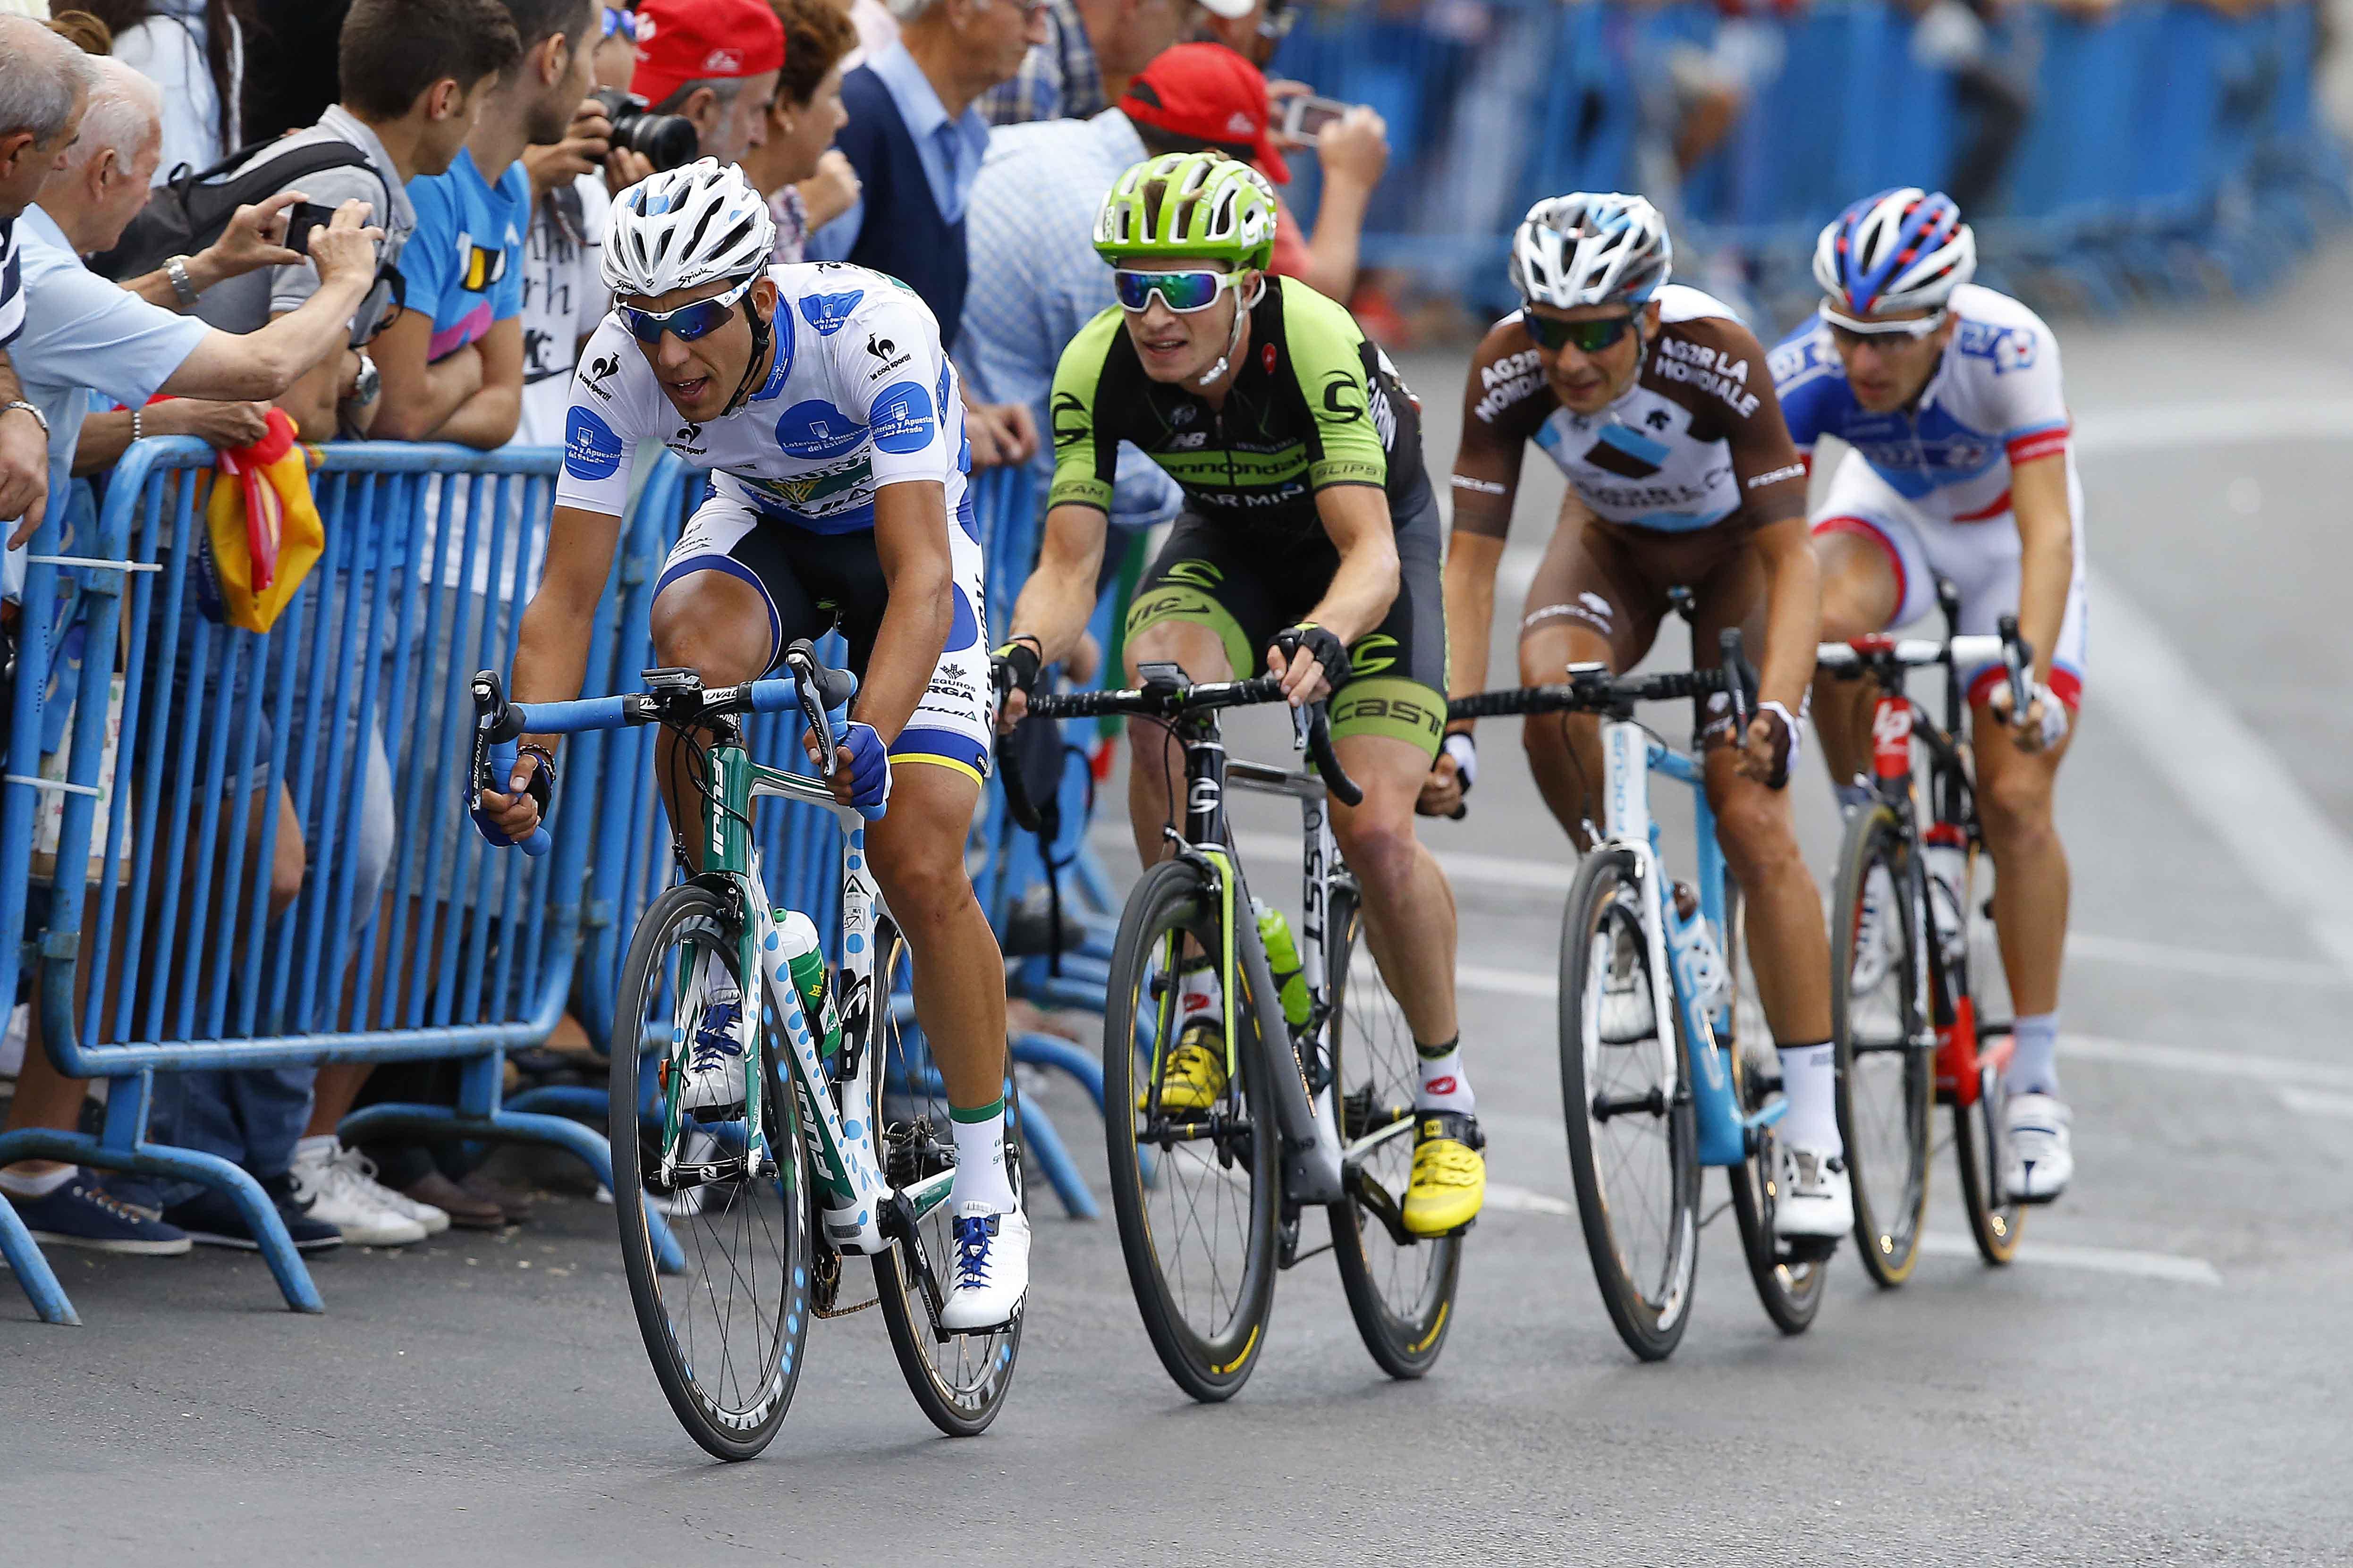 Vuelta Spagna 2015 - 70a Edizione - 21a tappa Alcala de Henares - Madrid 98.8 km - 13/09/2015 -  - foto Luca Bettini/BettiniPhoto©2015